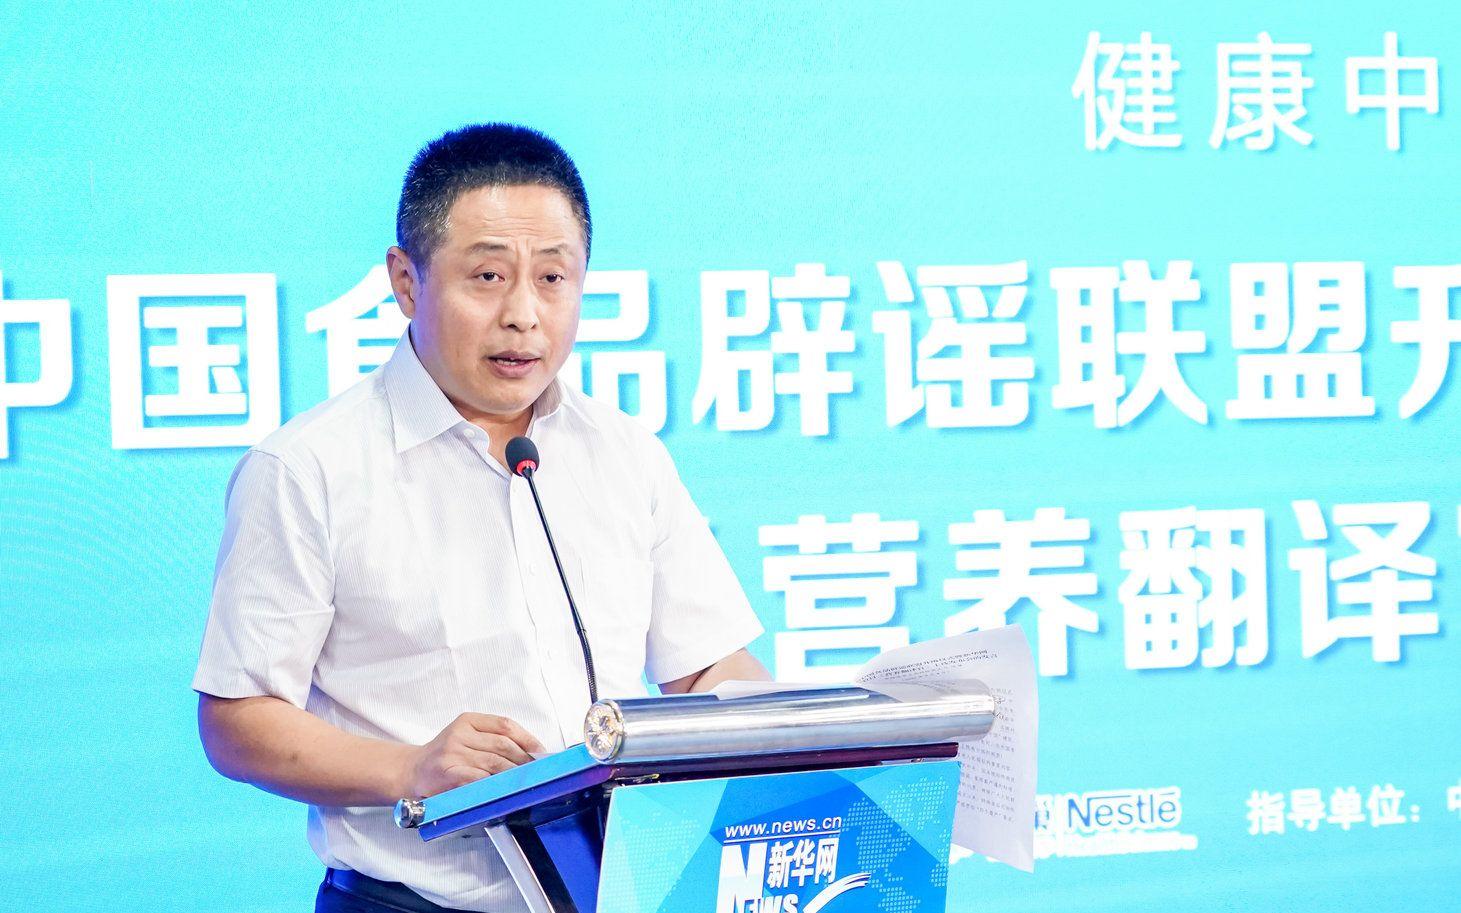 特殊食品安全监管司陈健:非注册备案的特殊食品虚假宣传严重